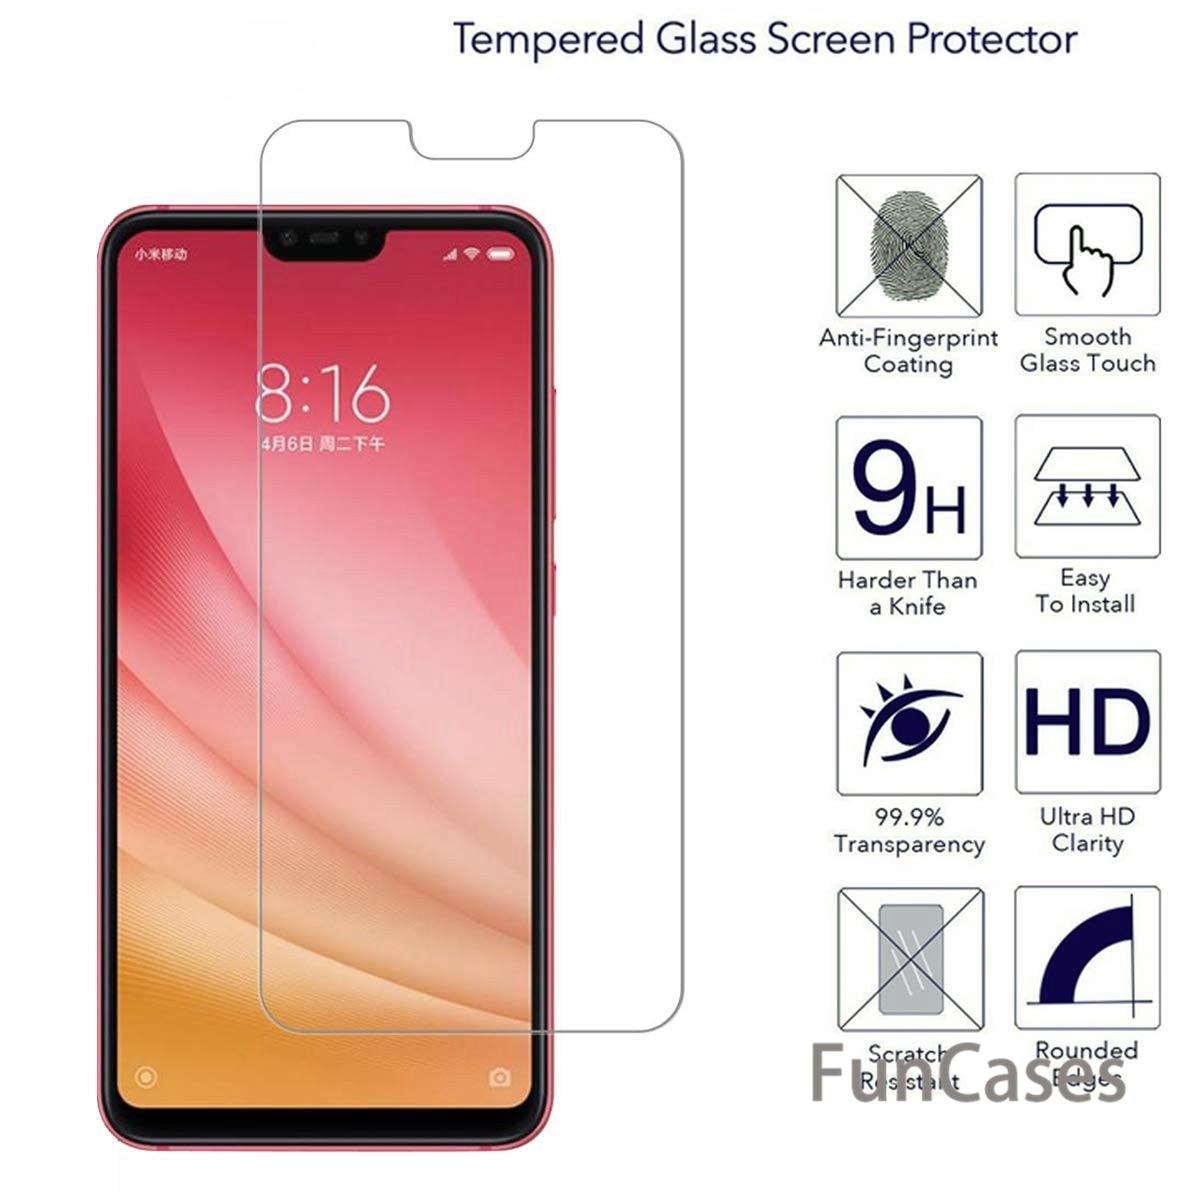 Tempered Glass For Xiaomi Mi8 SE Mi A1 8 Lite 8 Pro Mi5X Mi6X Pocophone F1  Redmi 6 Pro Screen Protector Toughened Film 9H 2 5D Glass Phone Screen